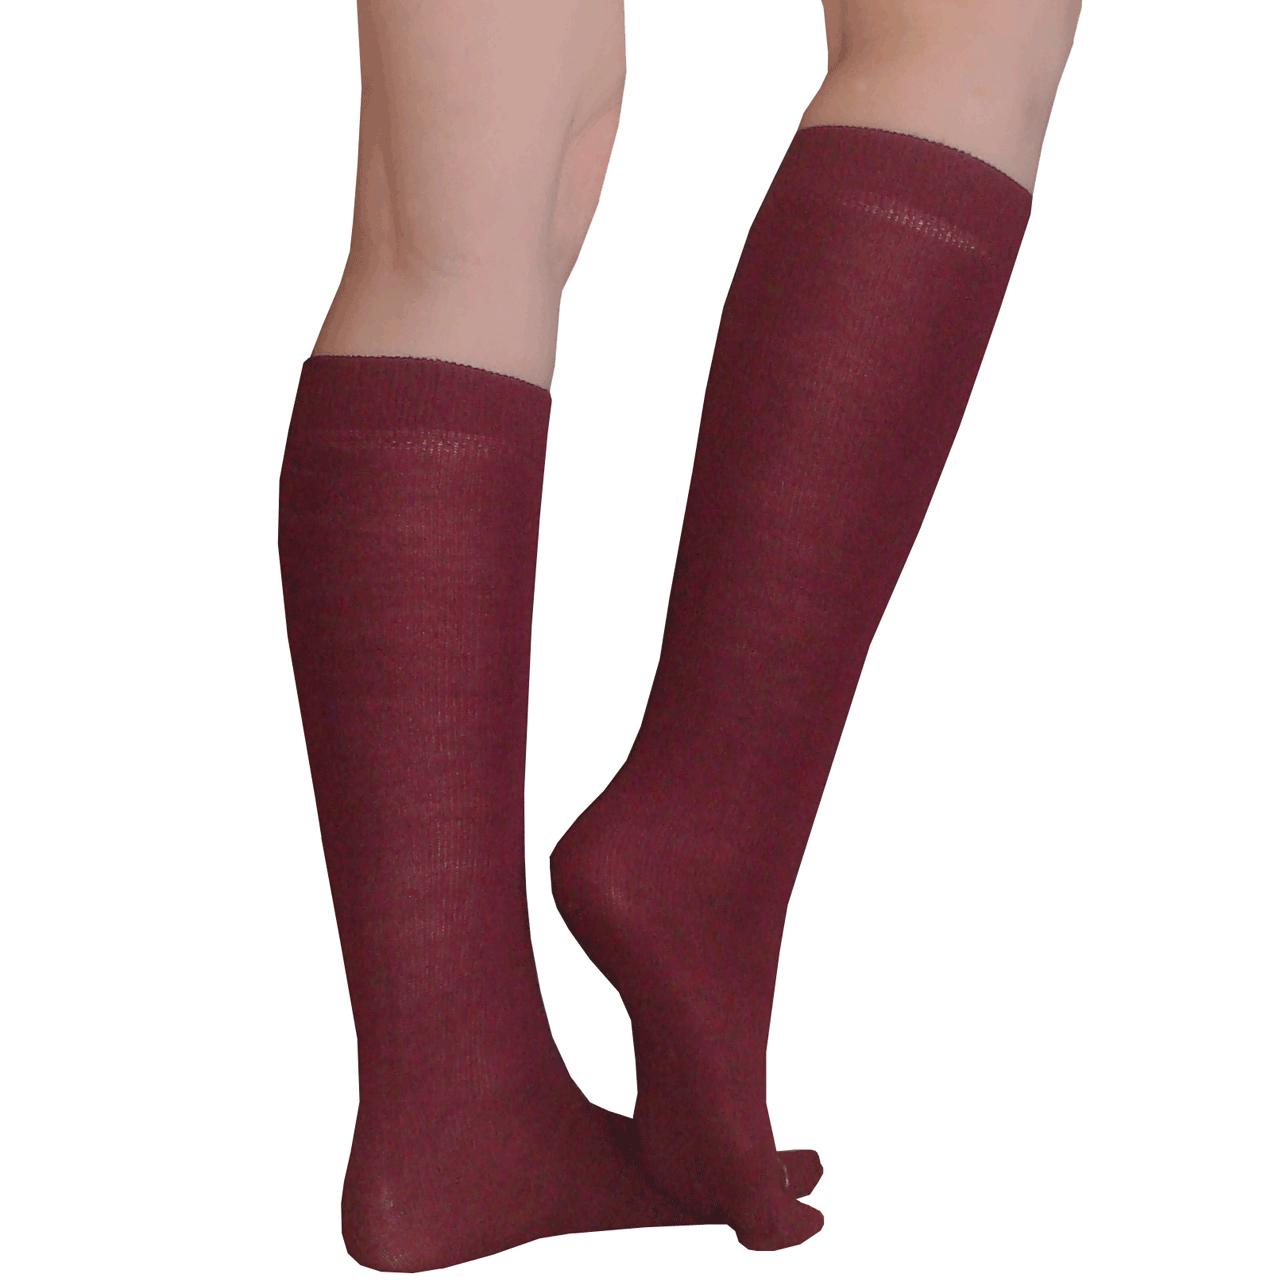 Thin Solid Maroon Socks